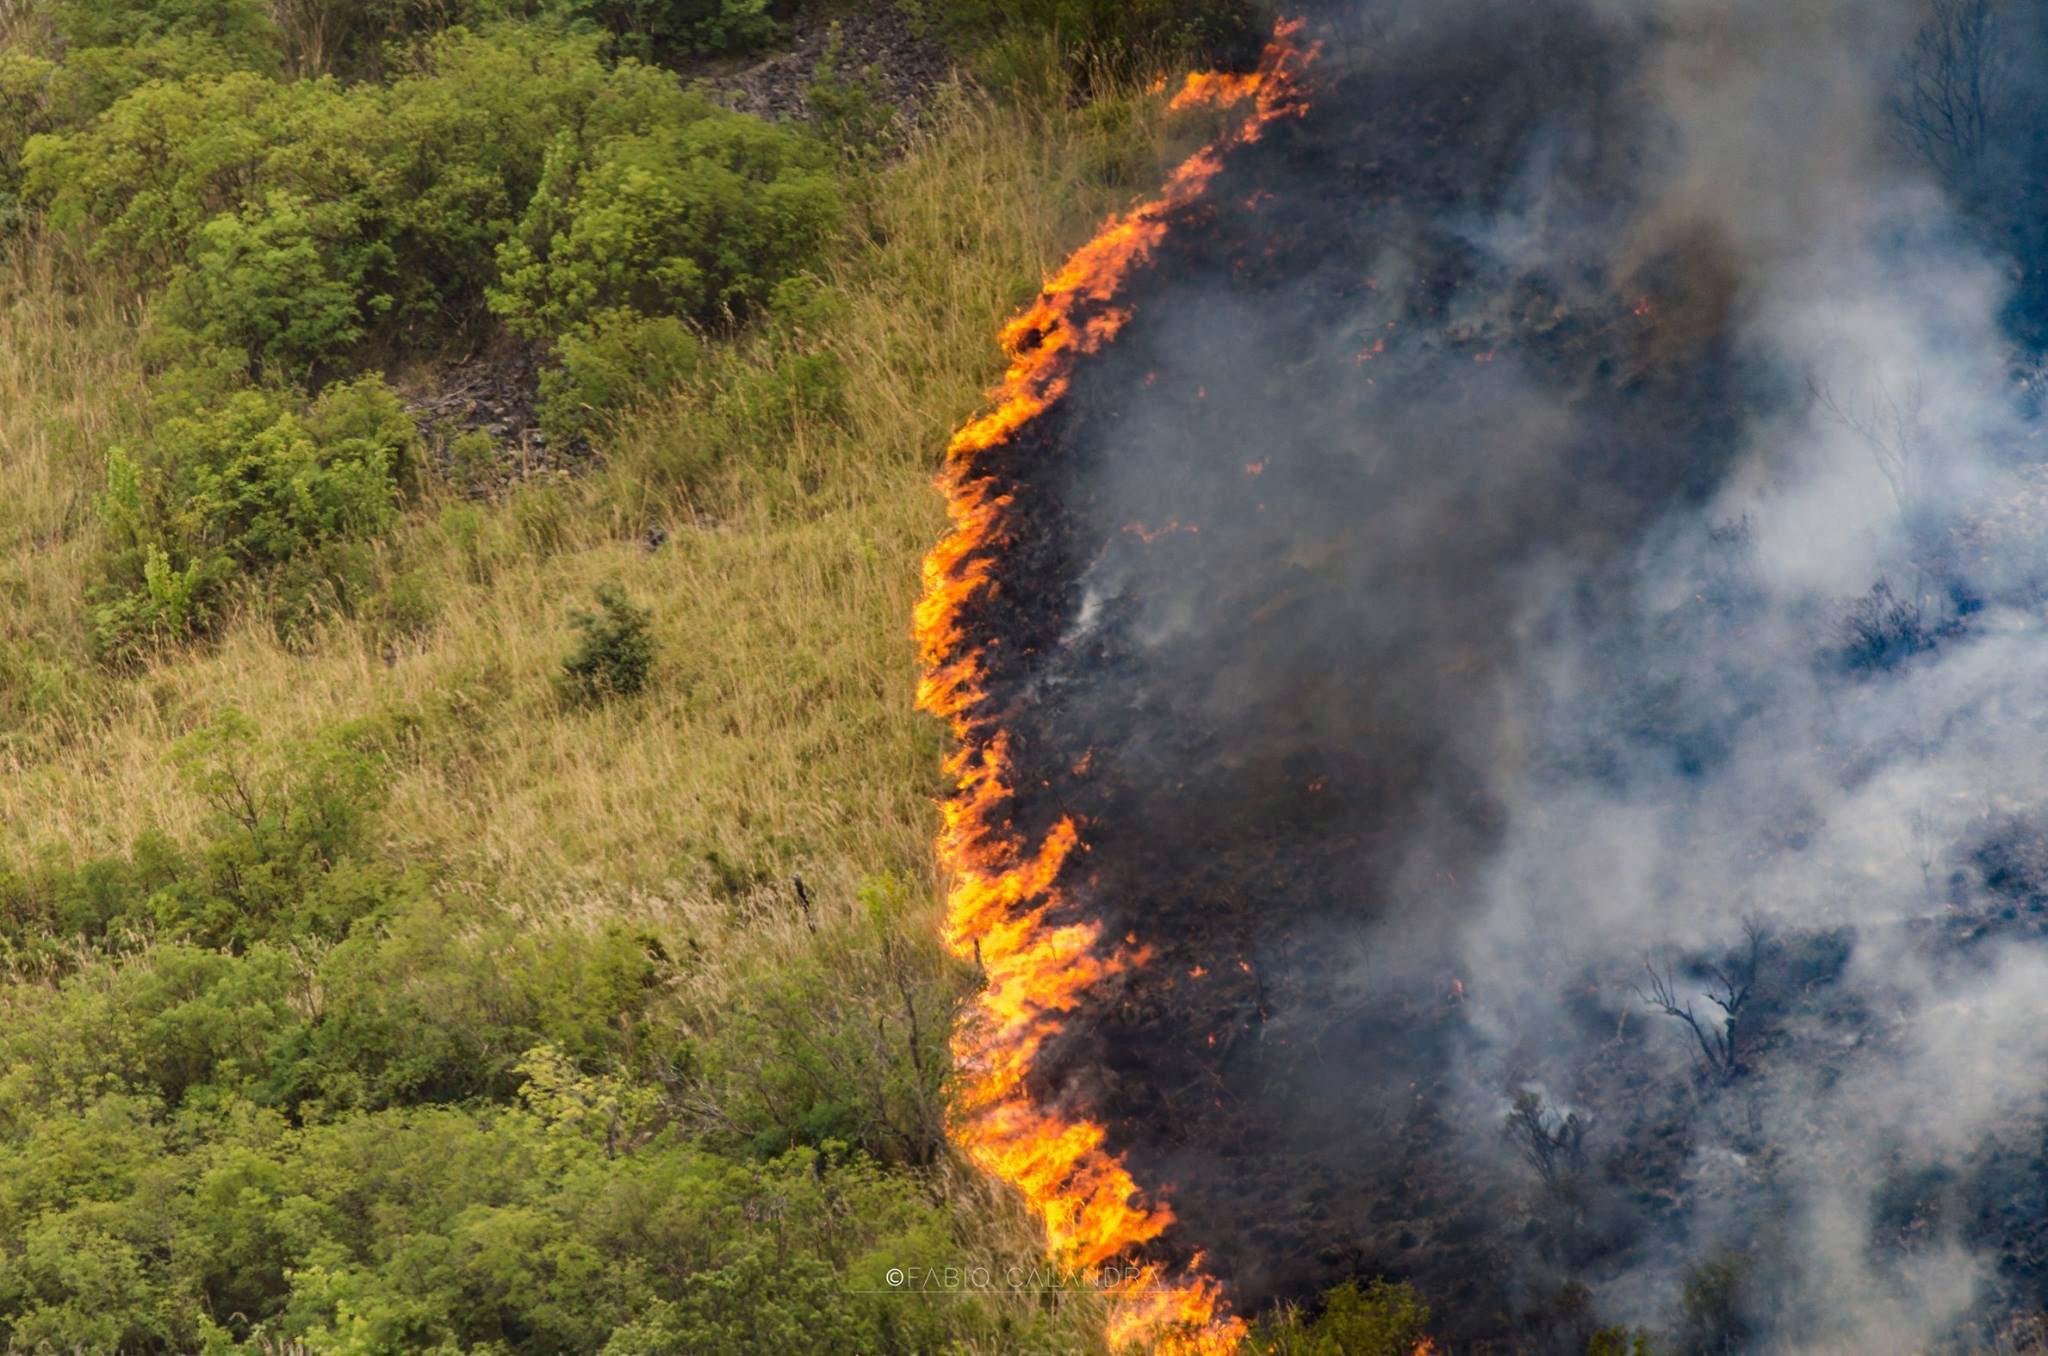 Incendio a Castellammare del Golfo, foto di Fabio Calandra